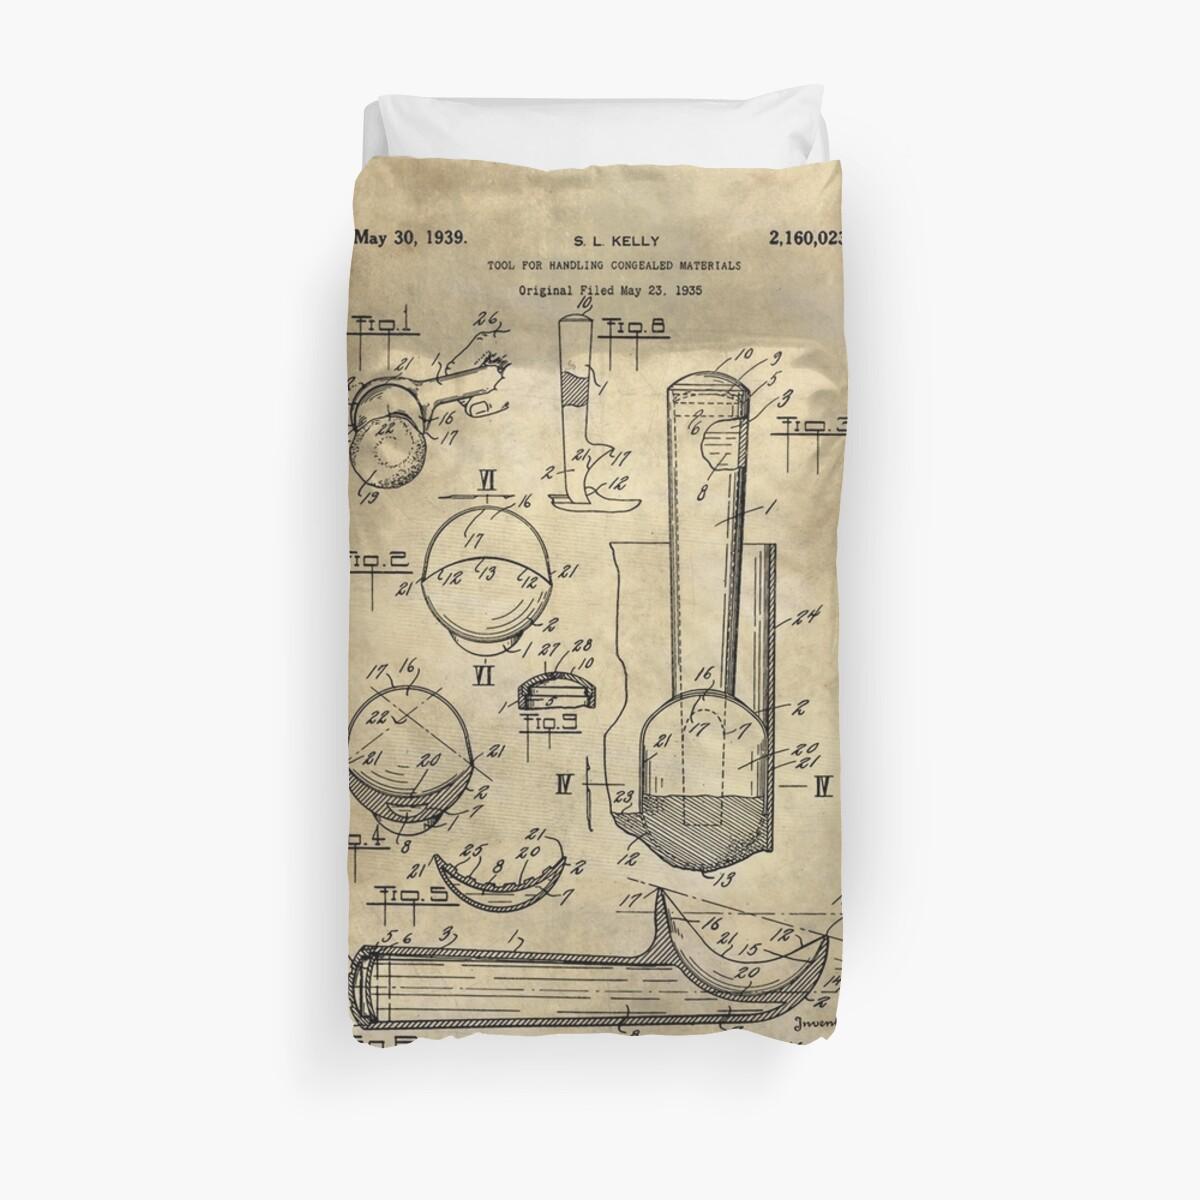 Ice cream scoop antique blueprint patent drawing 1939 kitchen art ice cream scoop antique blueprint patent drawing 1939 kitchen art by glimmersmith malvernweather Choice Image